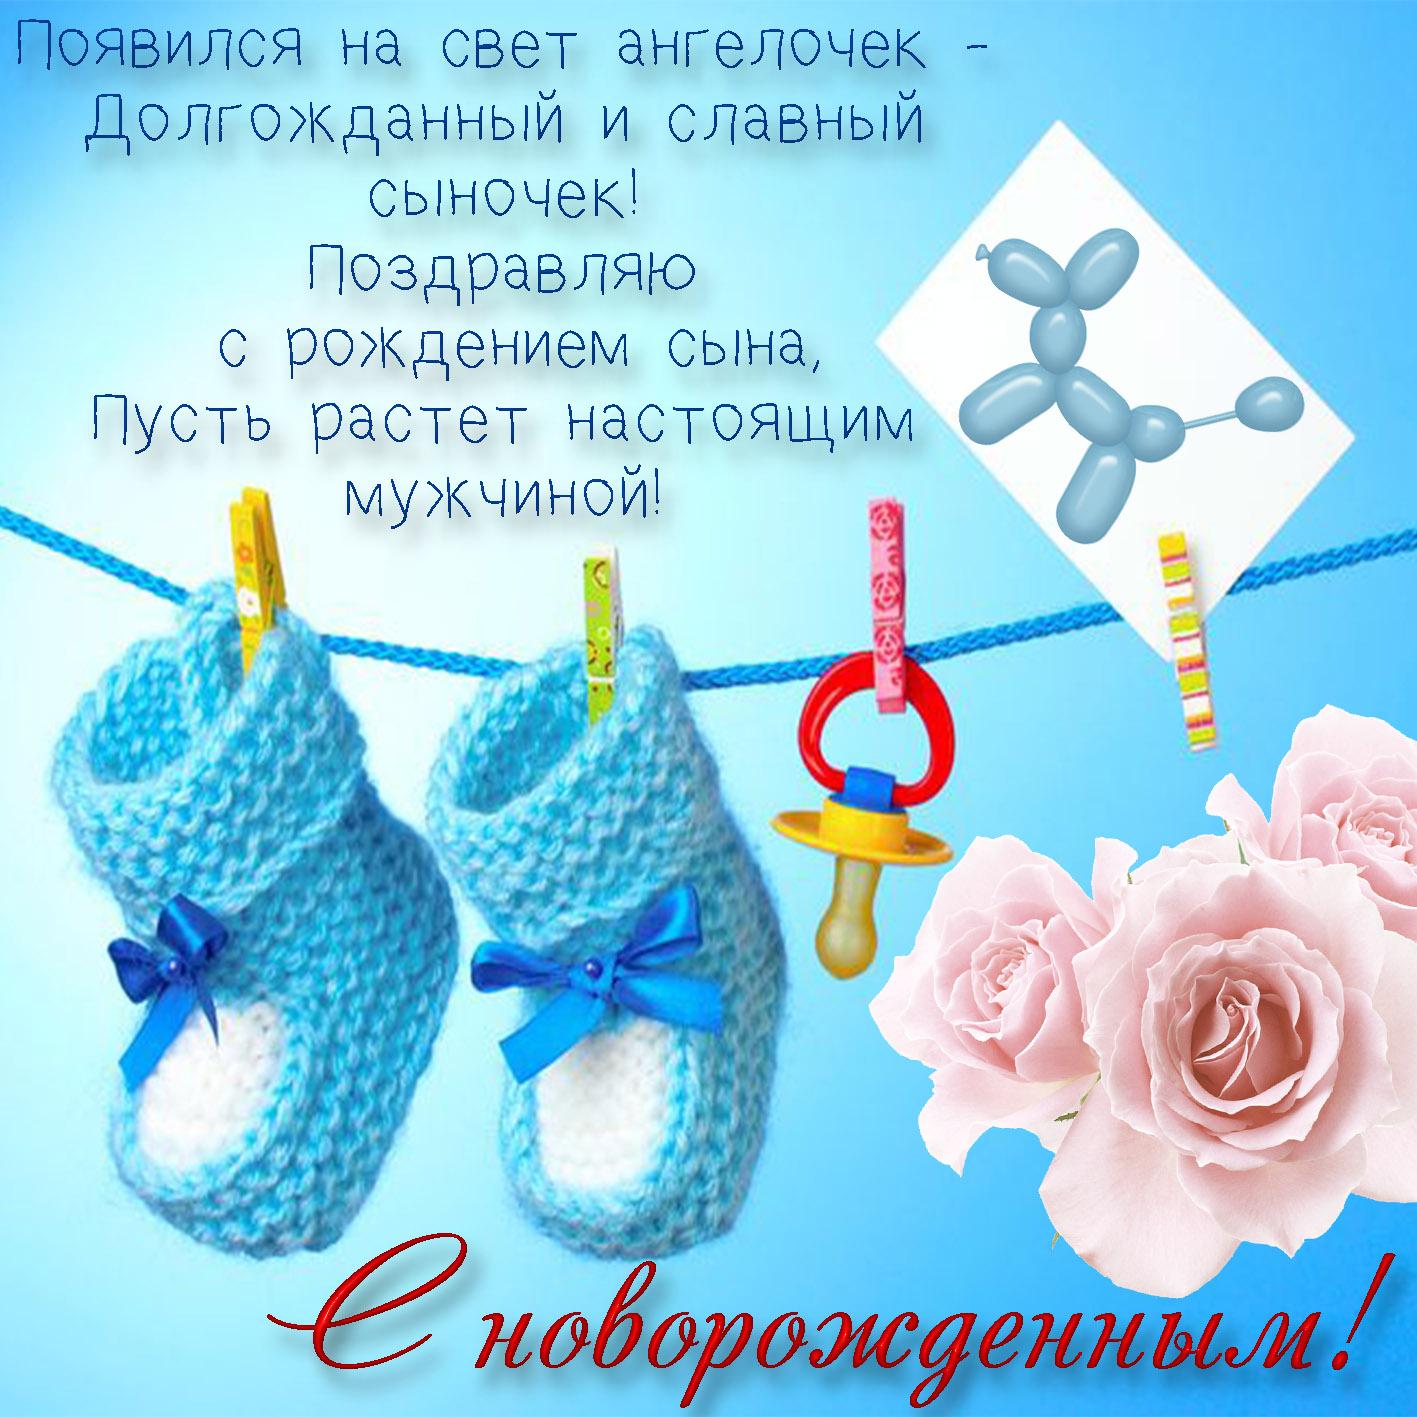 Поздравление матери с рождением сына 2 года